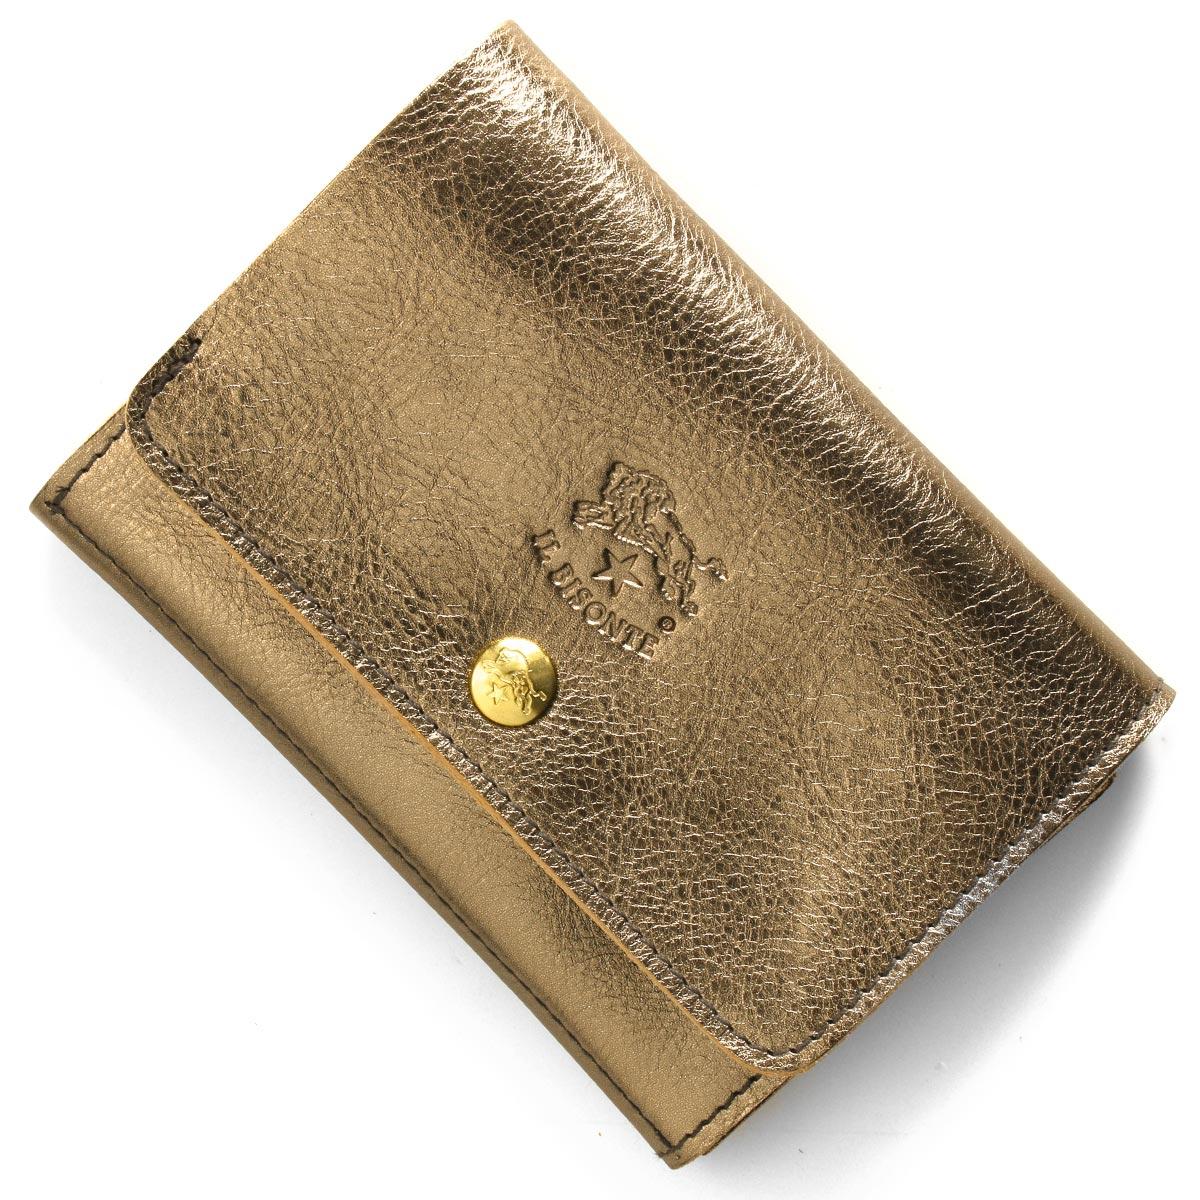 イルビゾンテ 二つ折り財布 財布 メンズ レディース スタンダード ブロンズゴールド C0522 PE 546 IL BISONTE